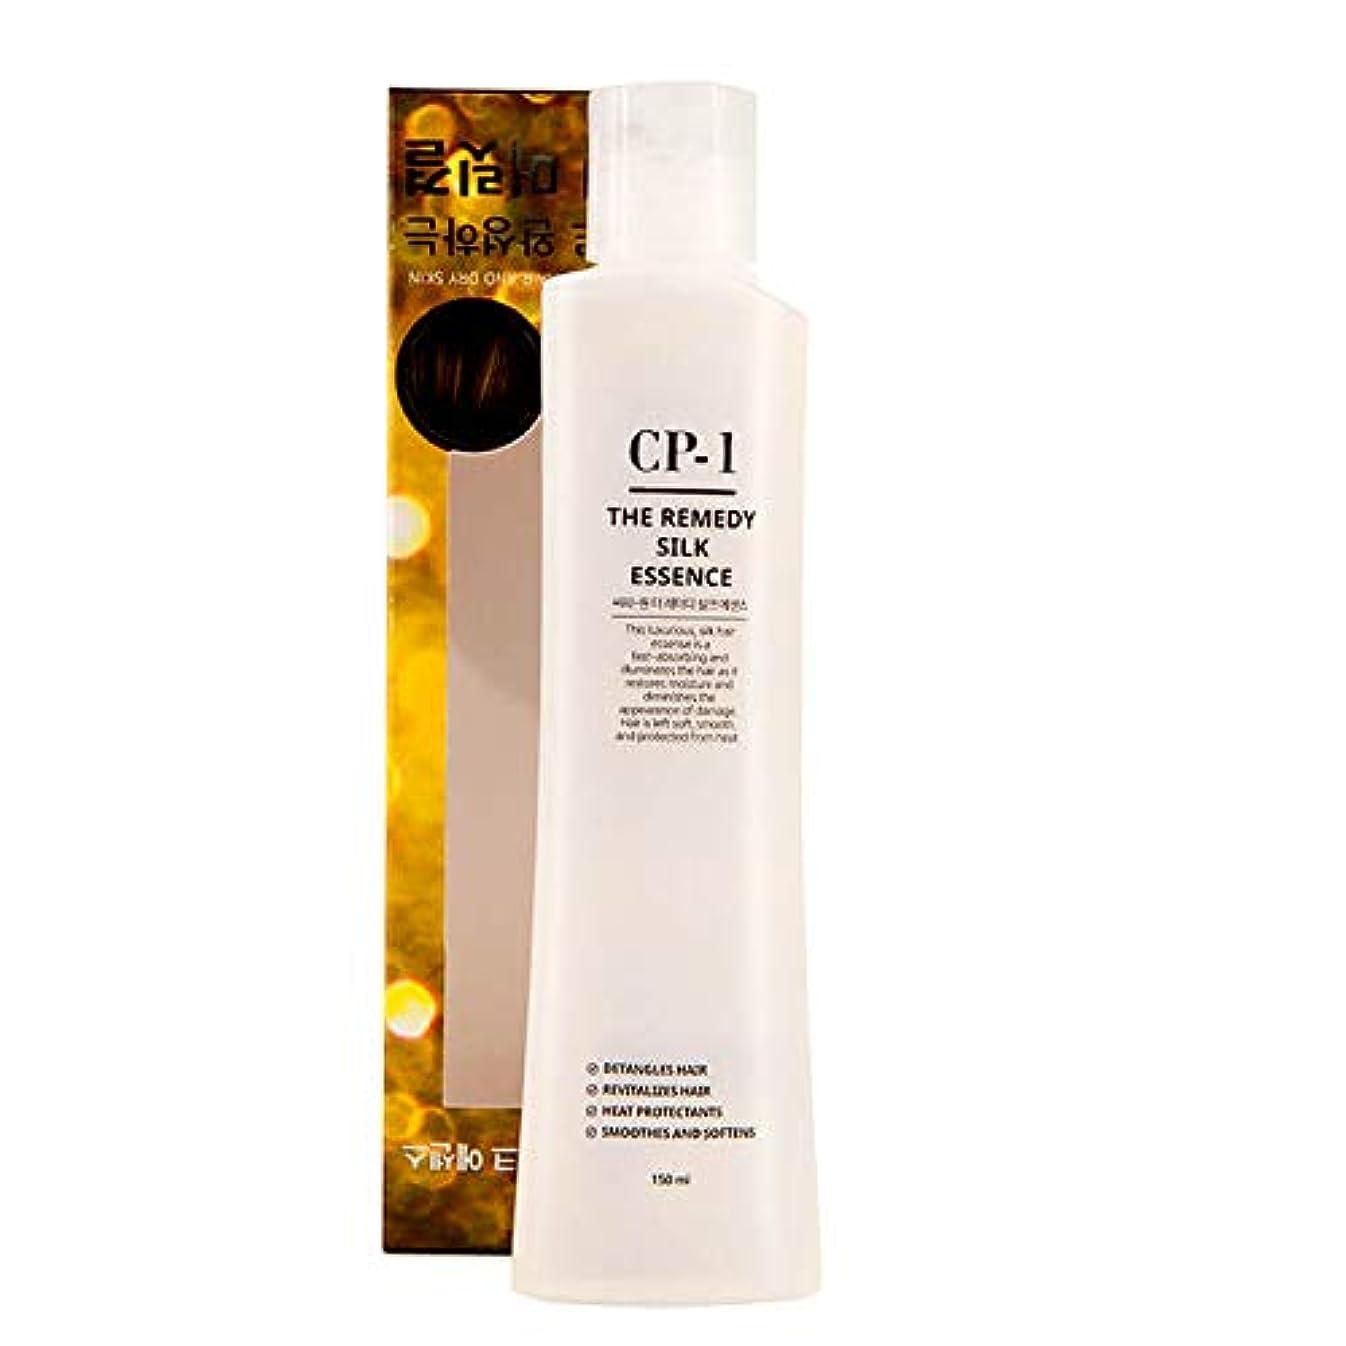 夕食を作る足首コンパニオンEsthetic House[エステティックハウス] CP-1 治療シルクエッセンス 150ml (傷んだ髪や乾燥肌の韓国のヘアケアに) / The Remedy Silk Essence